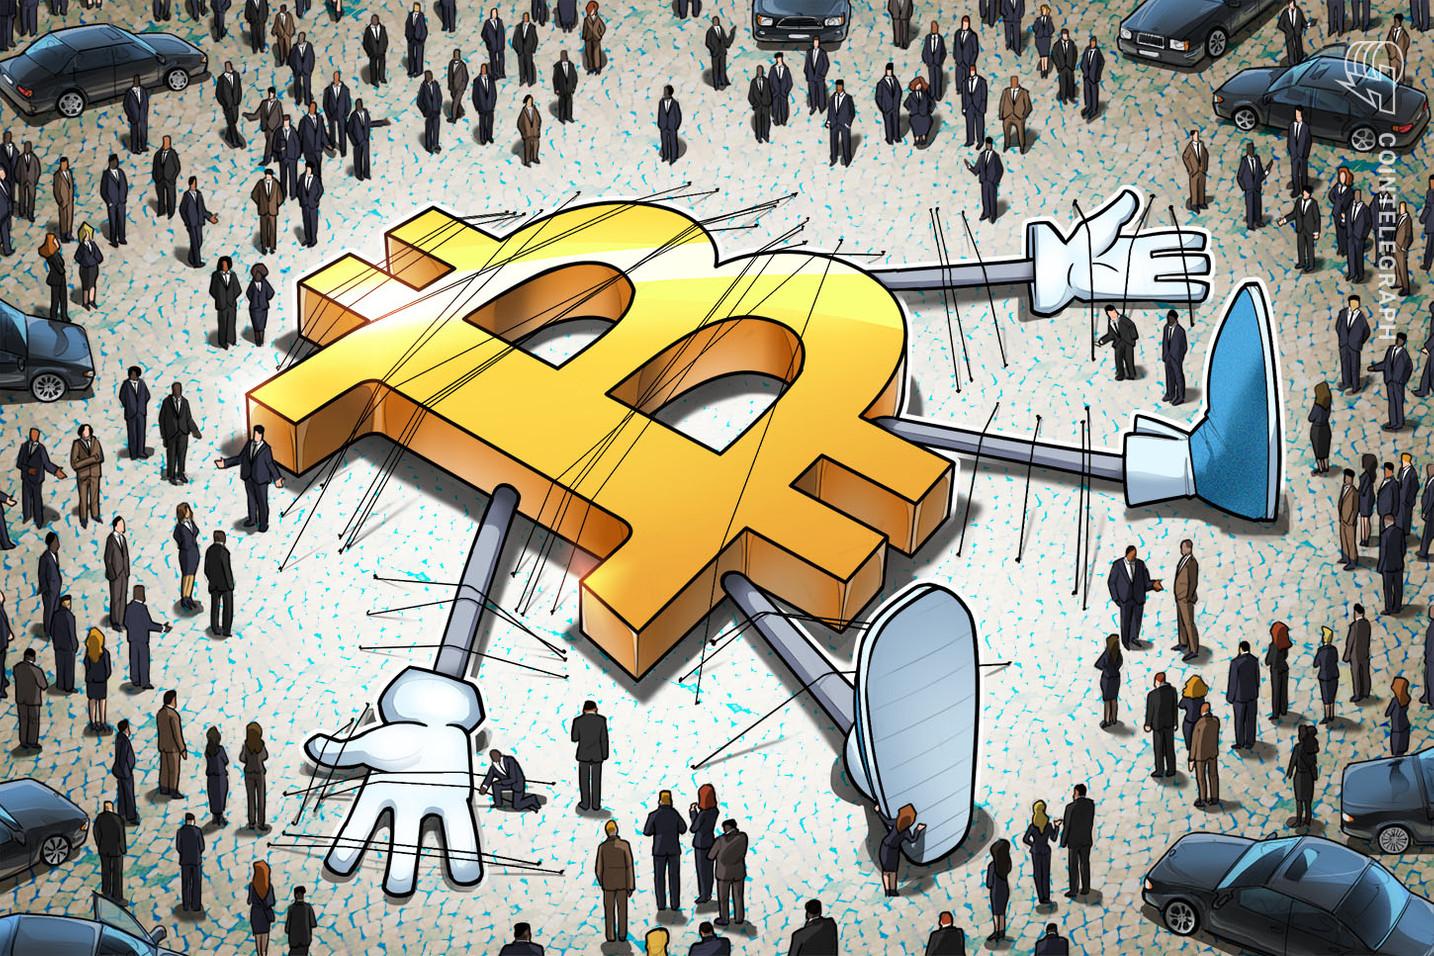 Bitcoin conserva el nivel de USD 51,000: aquí están los niveles de precios de BTC para observar